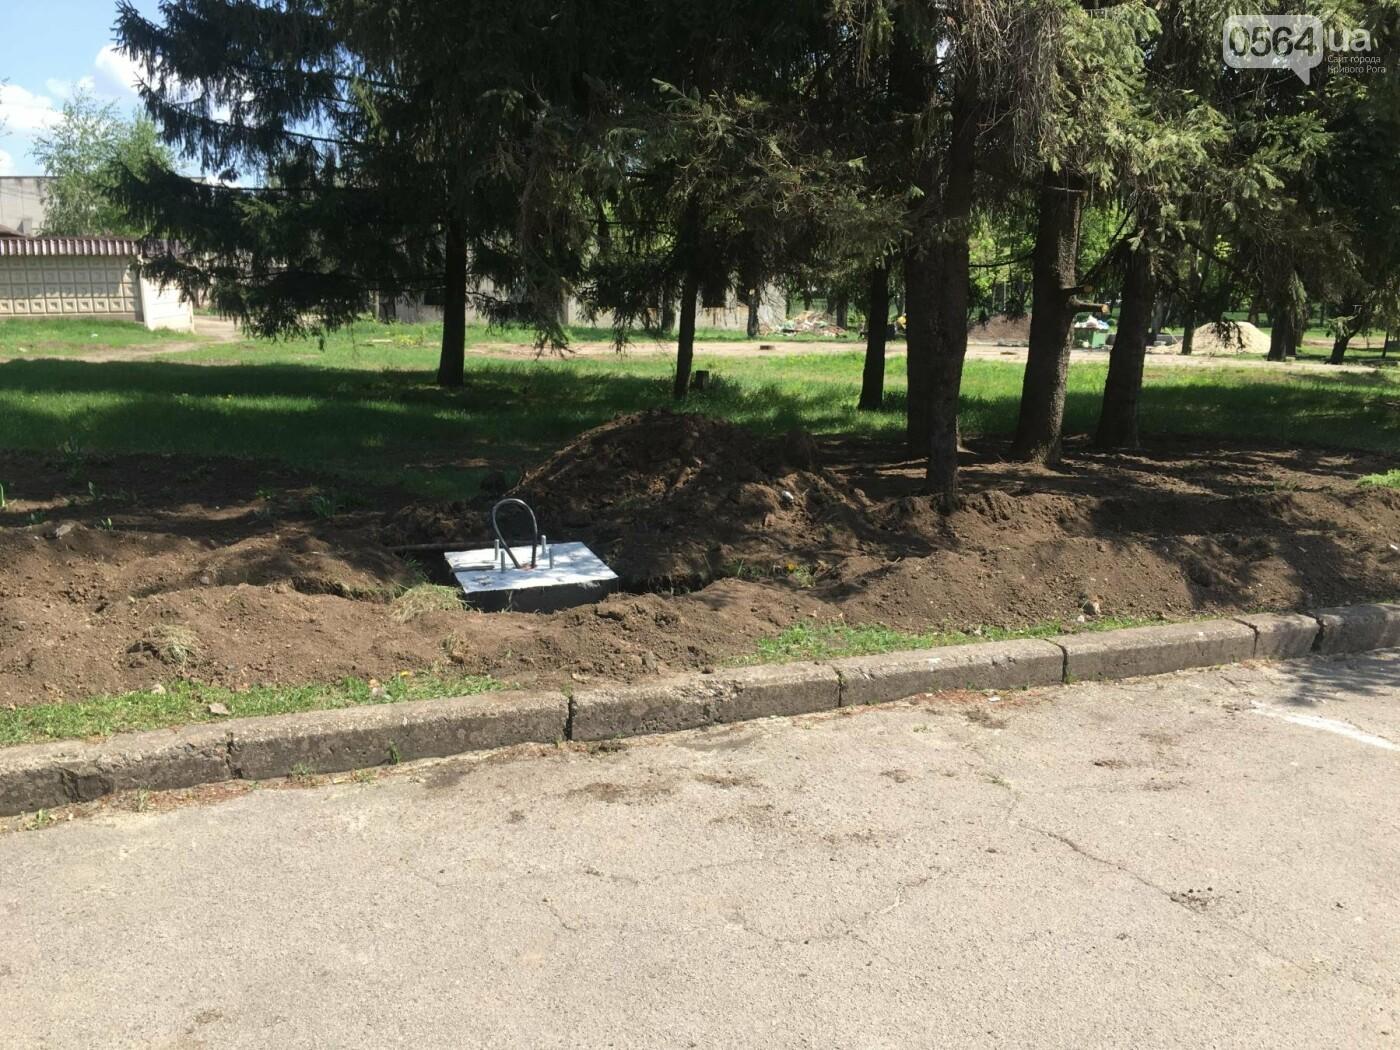 """""""В Европу без мусора!"""": криворожане помогли подготовить парк к Еврофесту (ФОТО), фото-88"""